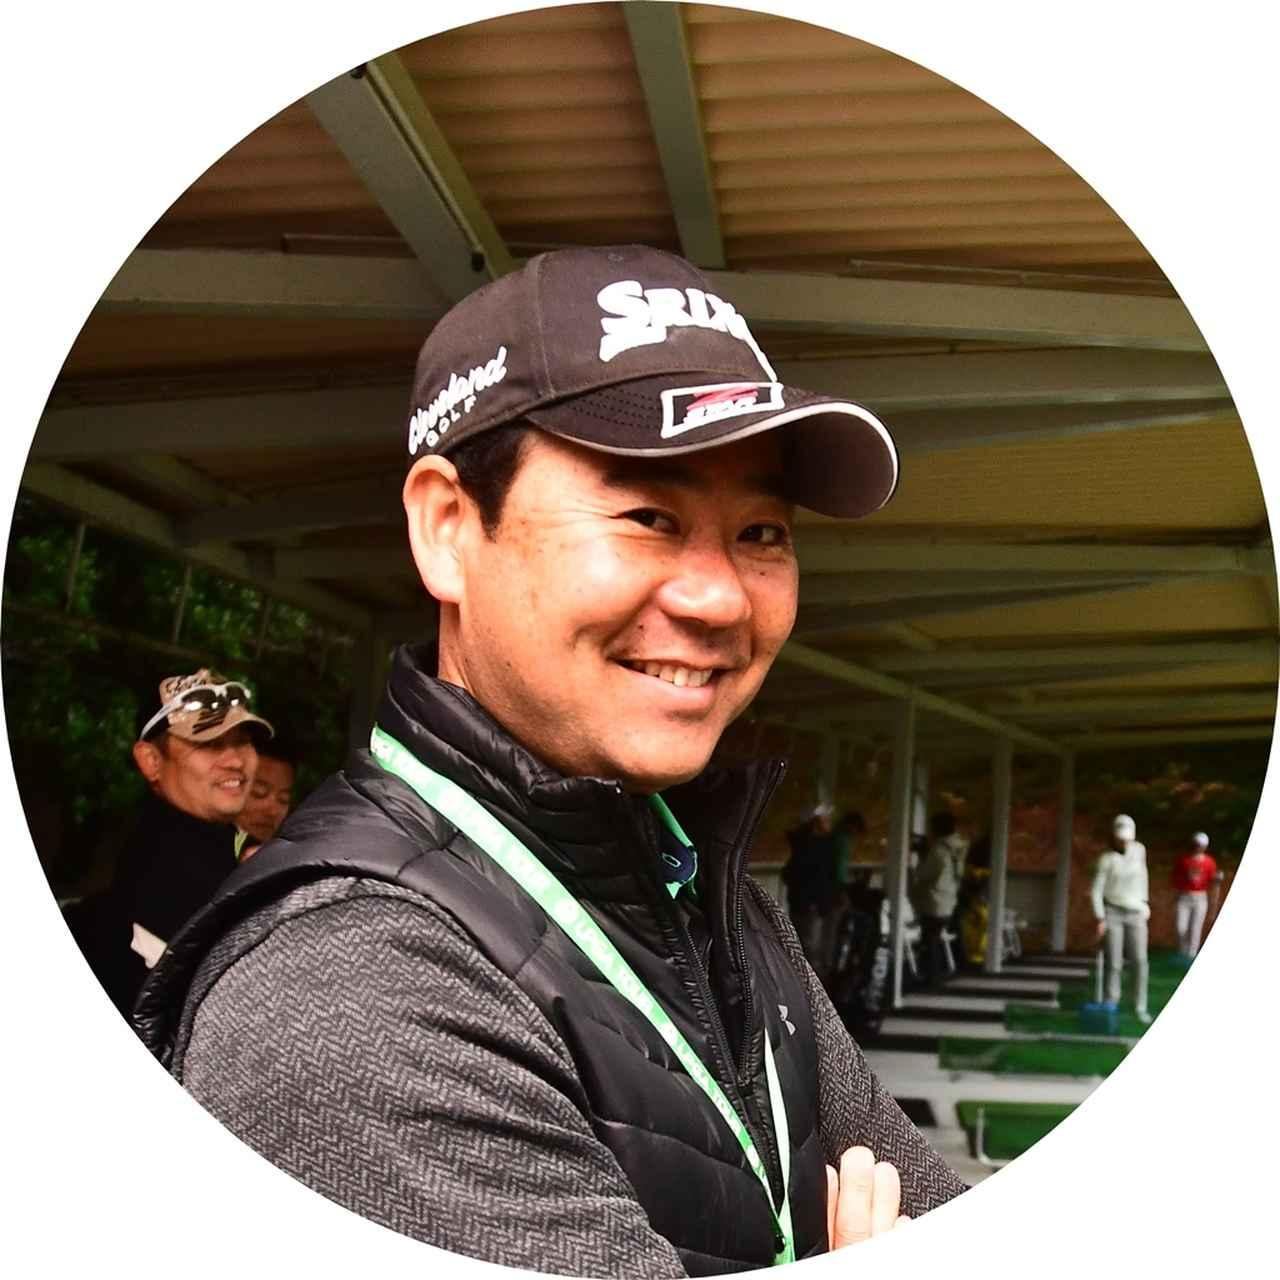 画像: 井上透 ツアープロコーチ。トゥルーゴルフアカデミー主宰。08年レッスンオブザイヤーを受賞し、早稲田大学大学院・スポーツ科学研究科を卒業。卓越した理論でゴルファーを導く